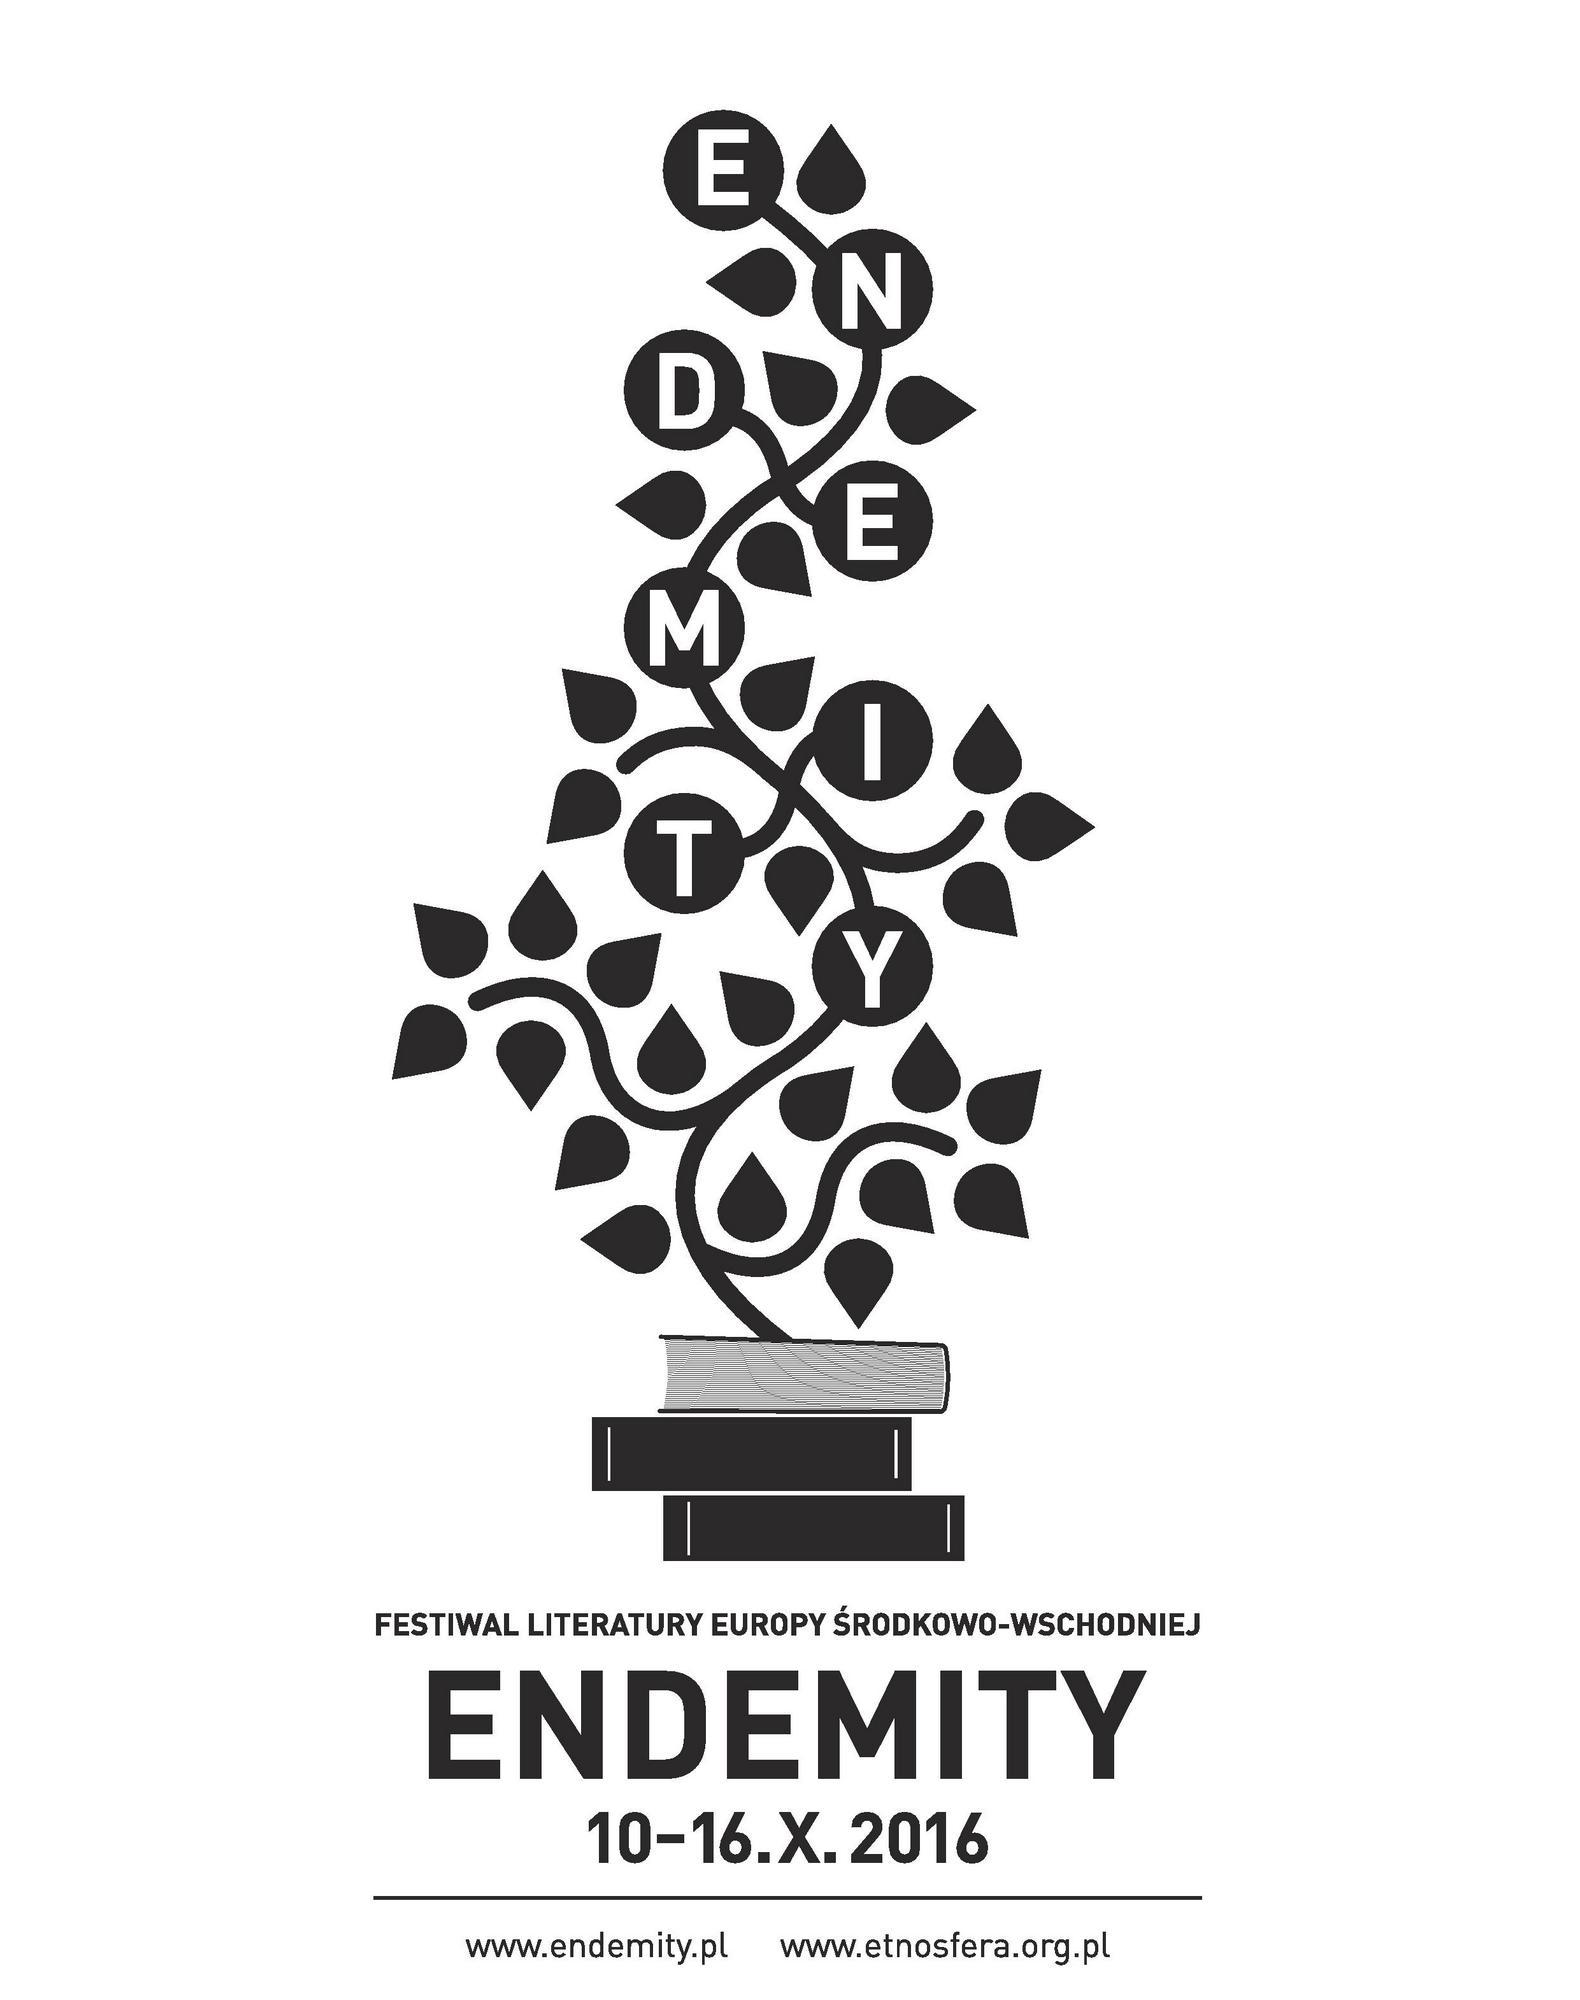 Festiwal Literatury Europy Środkowo-Wschodniej Endemity, plakat (źródło: materiały prasowe organizatora)